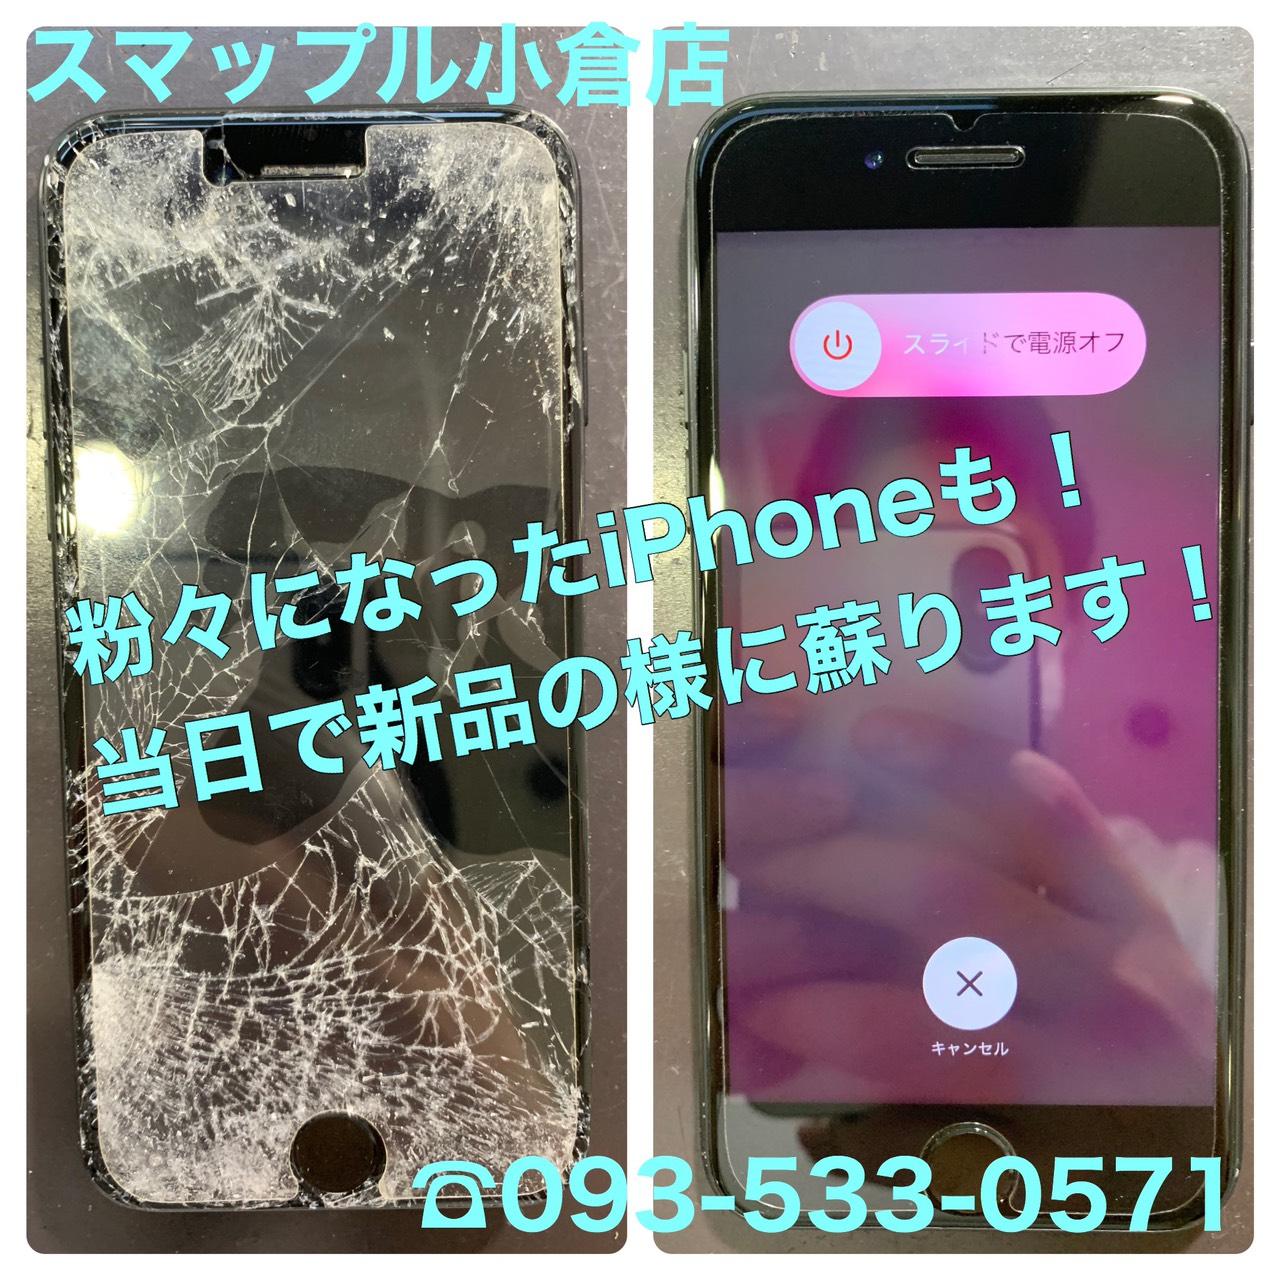 iPhone ガラス交換 液晶交換 小倉 北九州